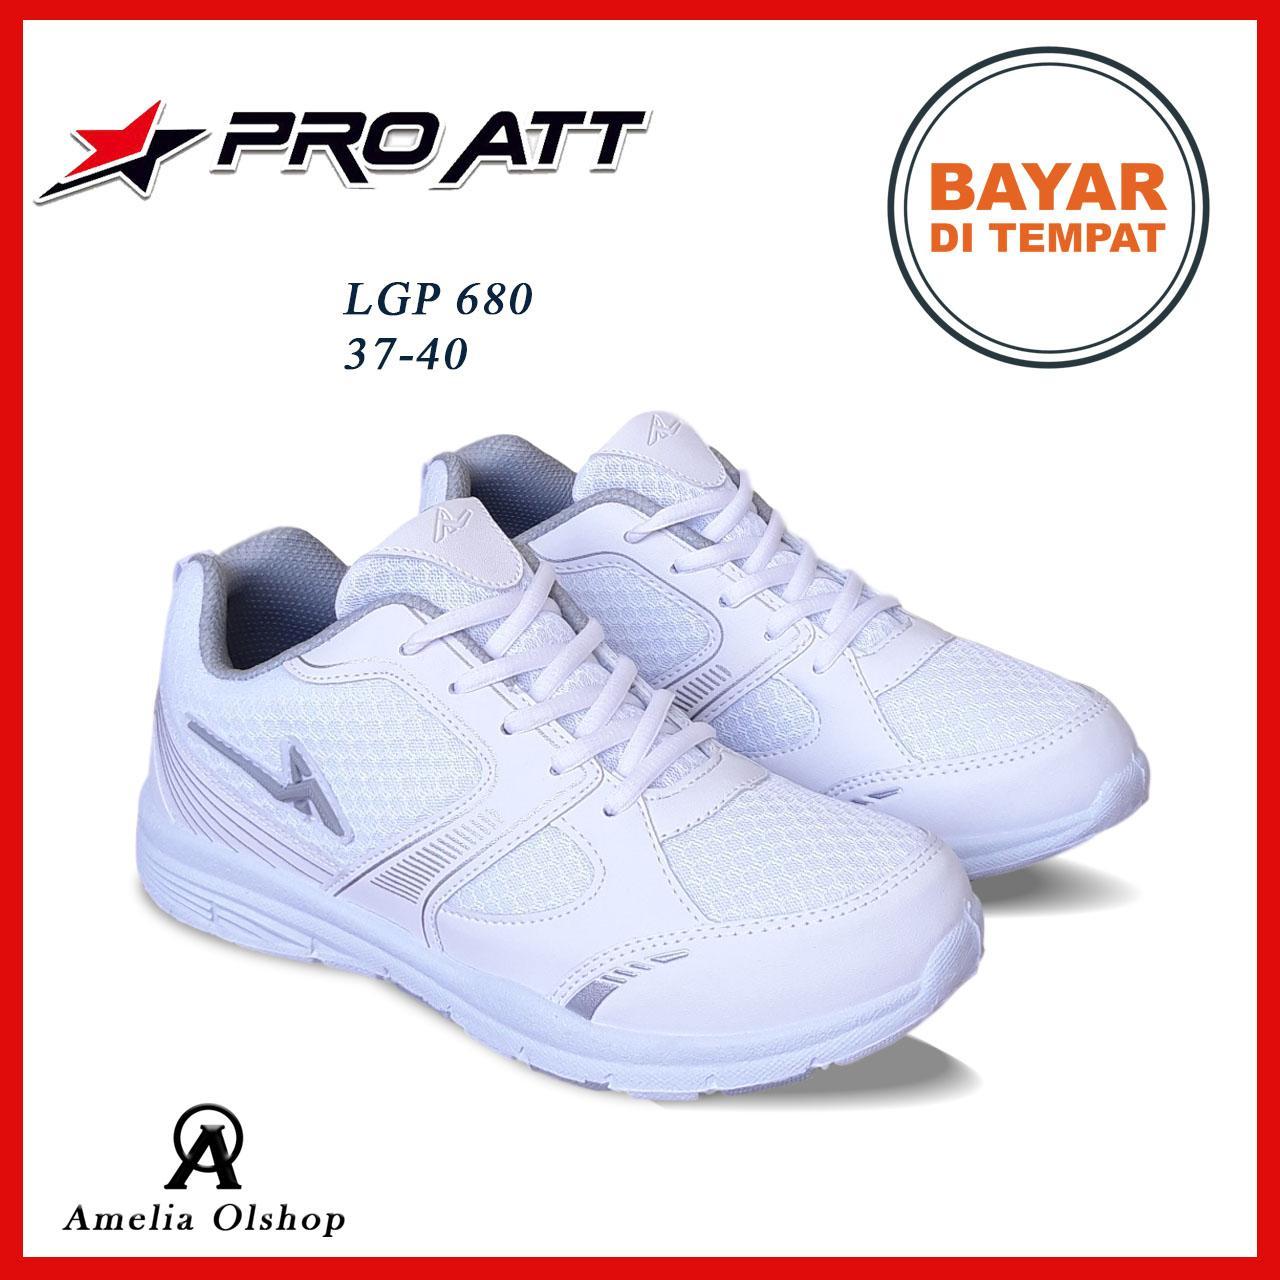 Amelia Olshop - Sepatu PRO ATT LGP 680 37-40   Sepatu Wanita   Sepatu efc224f958